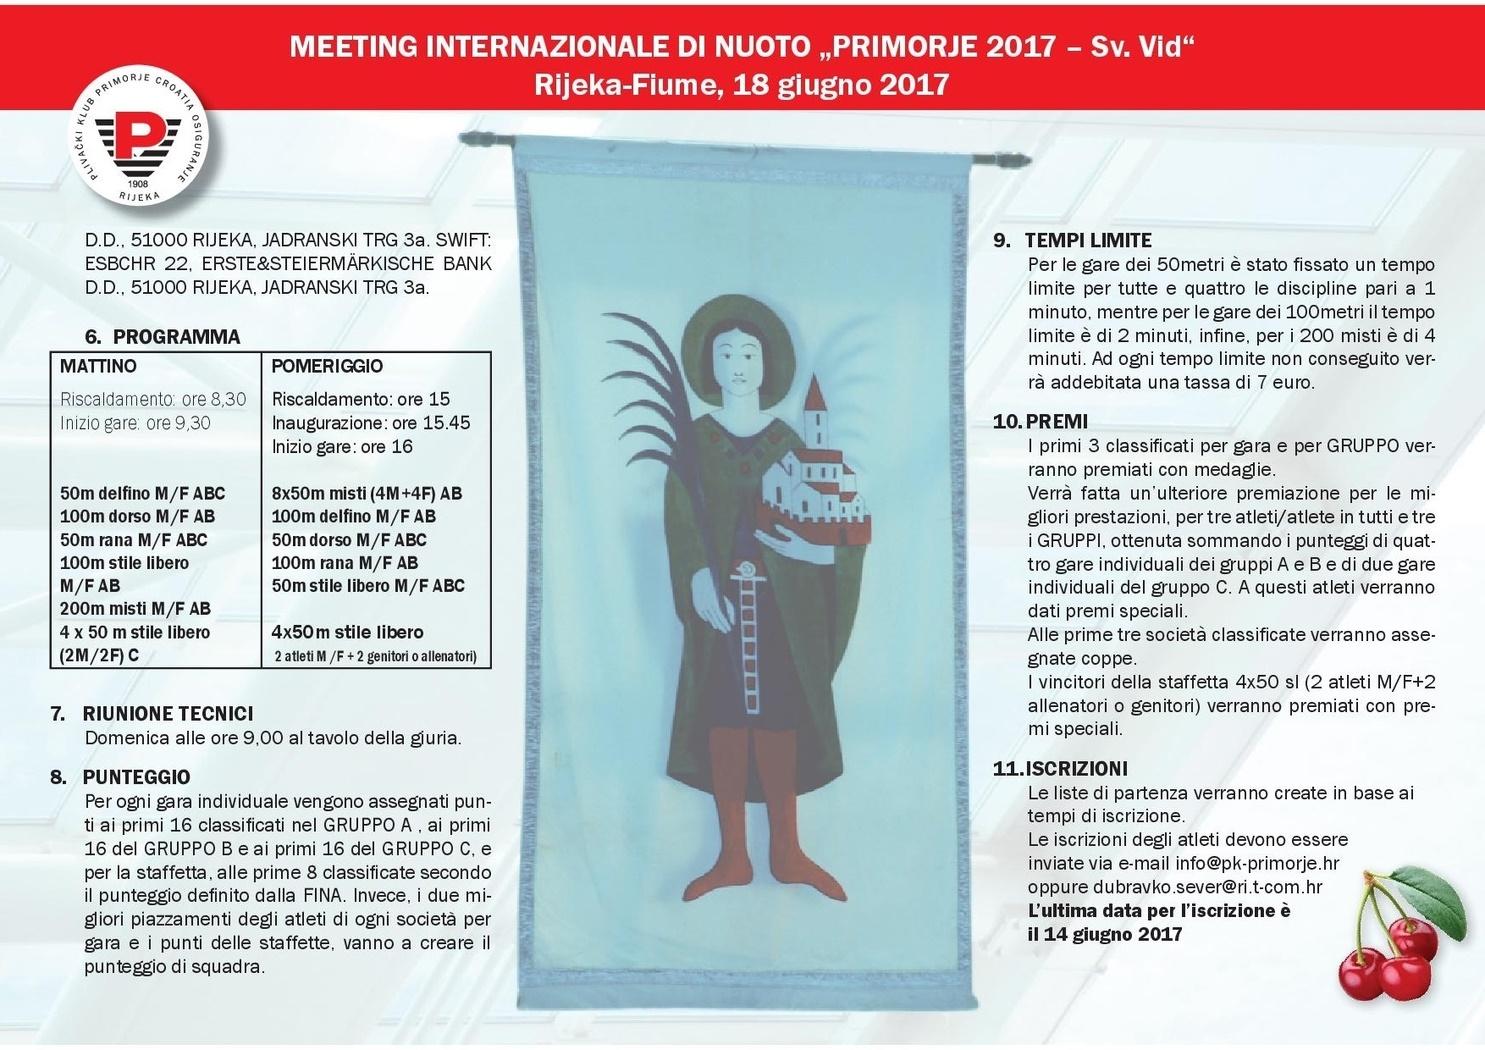 Пропозиције на италијанском, страна 2